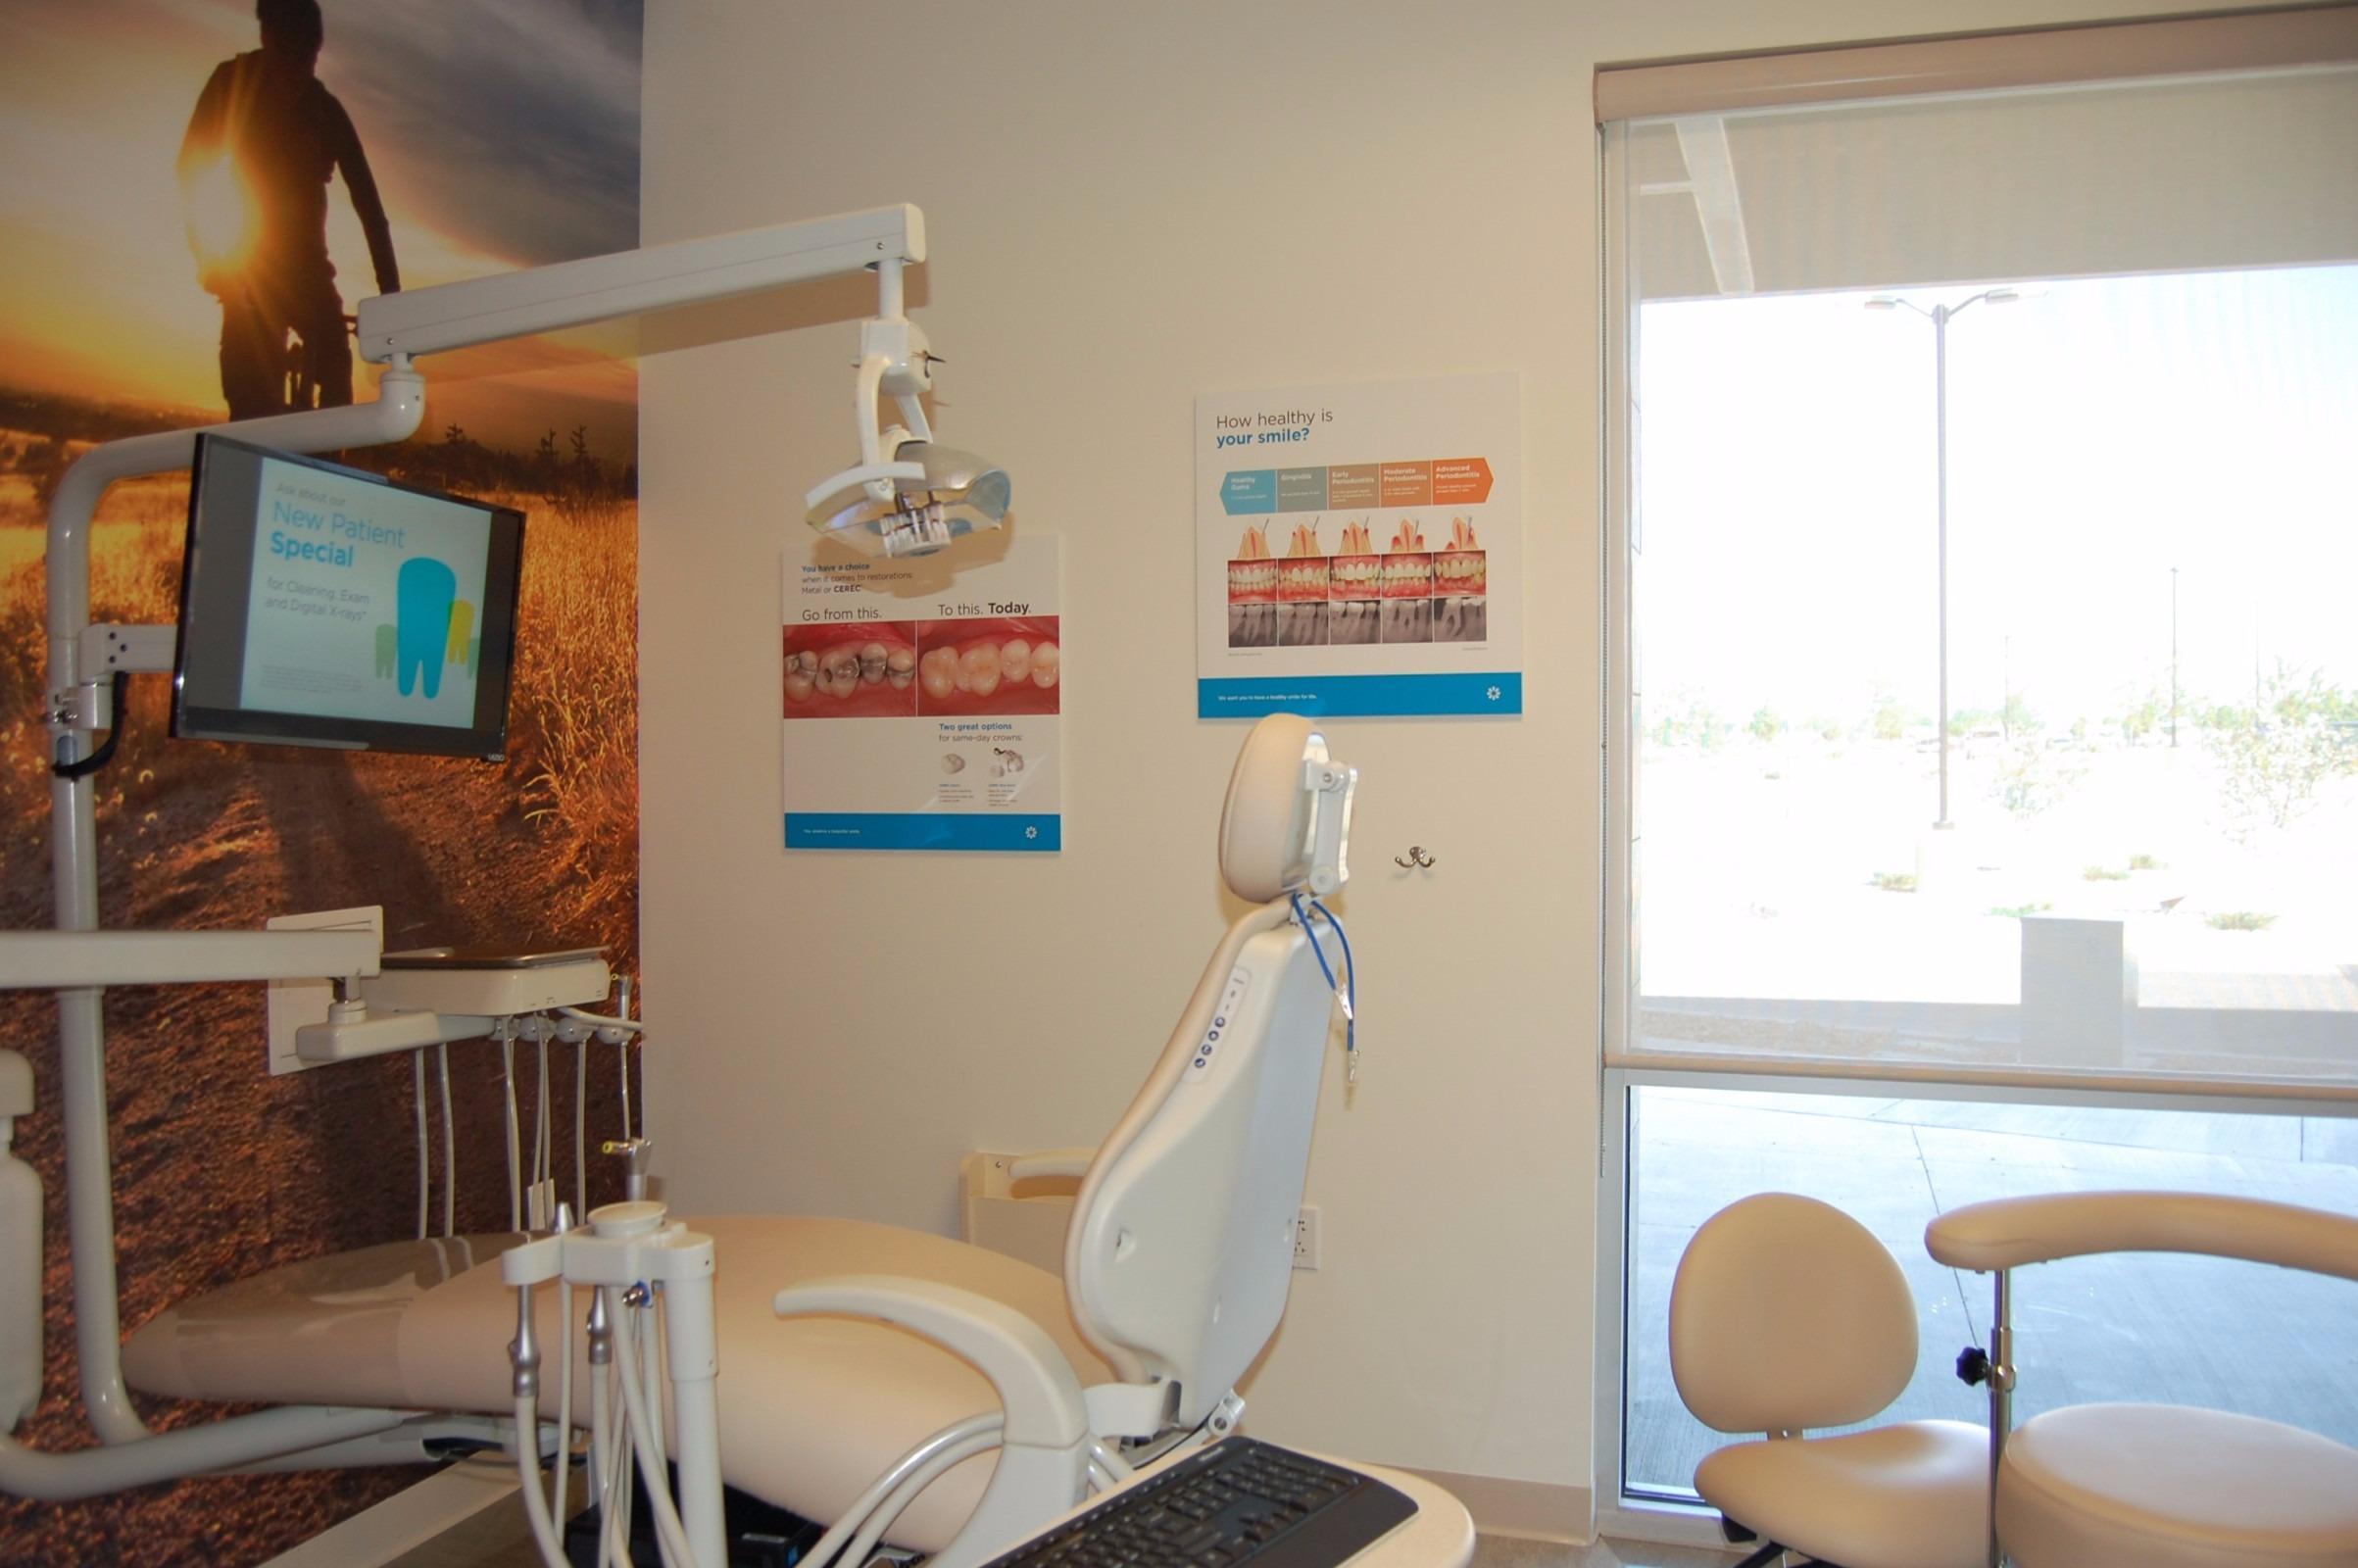 Santa Fe Dentist Office image 6